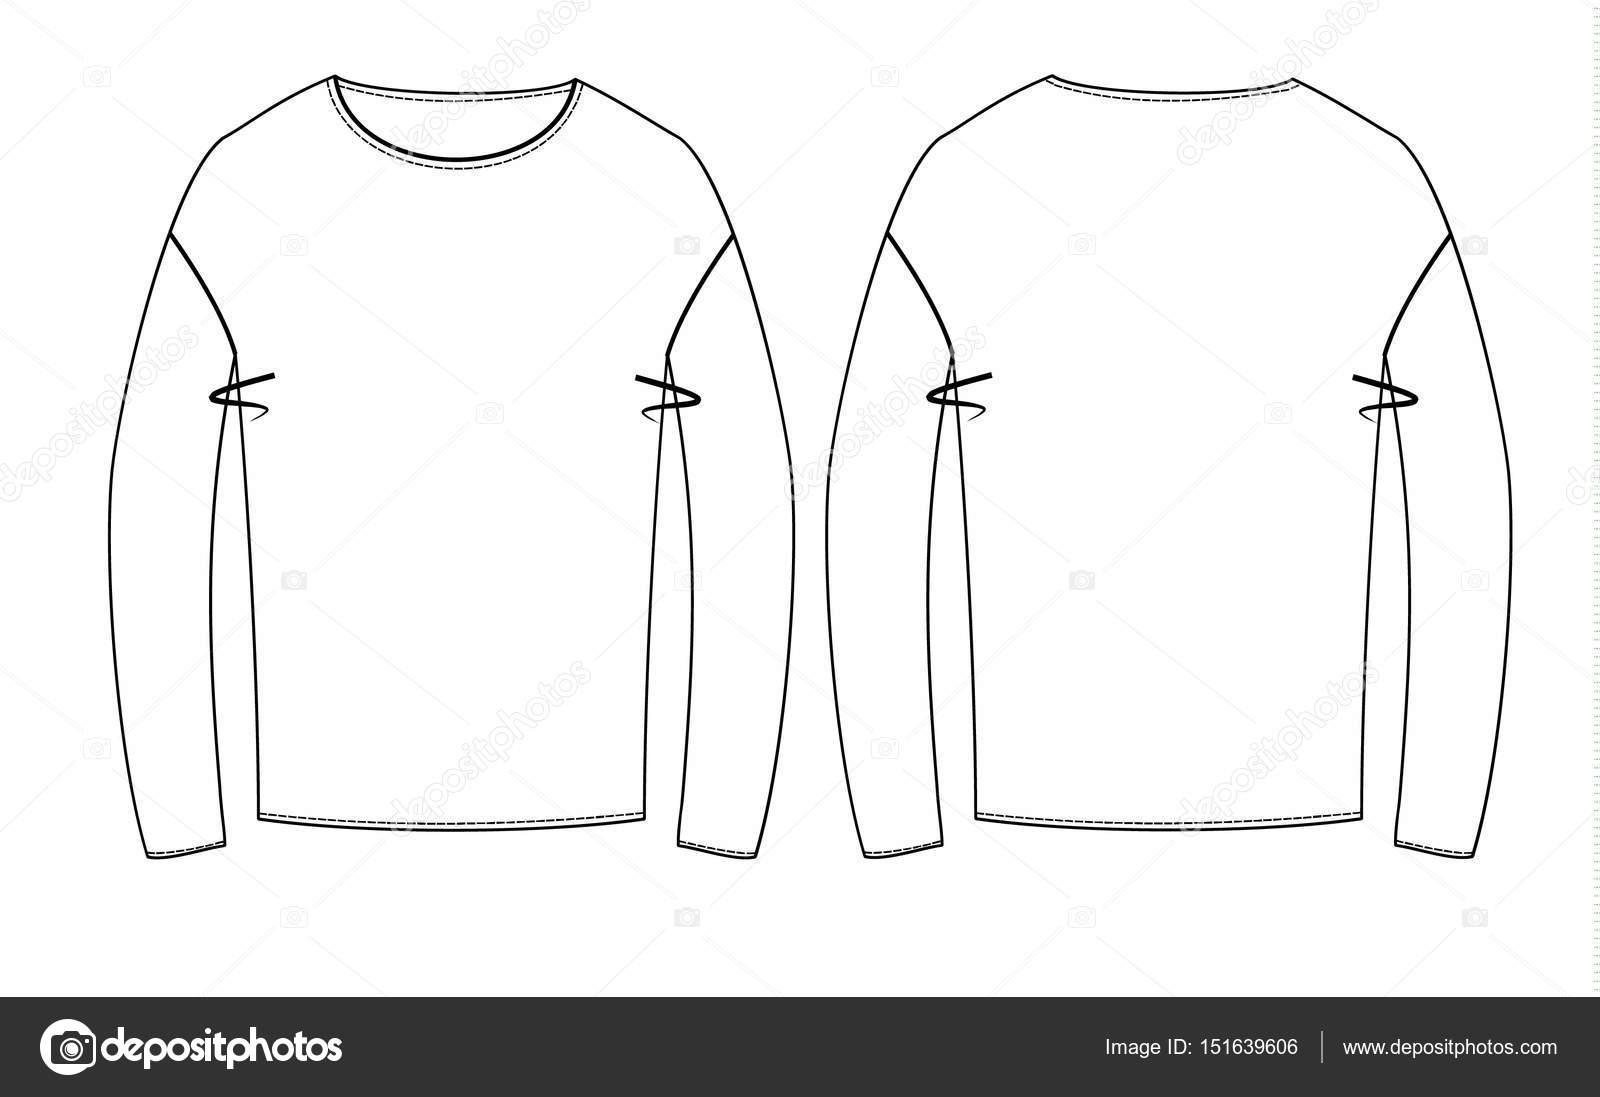 Camisetas Técnicas Bocetos Vista Trasera Delantera — Vector de stock ... 70d04df82a3fe